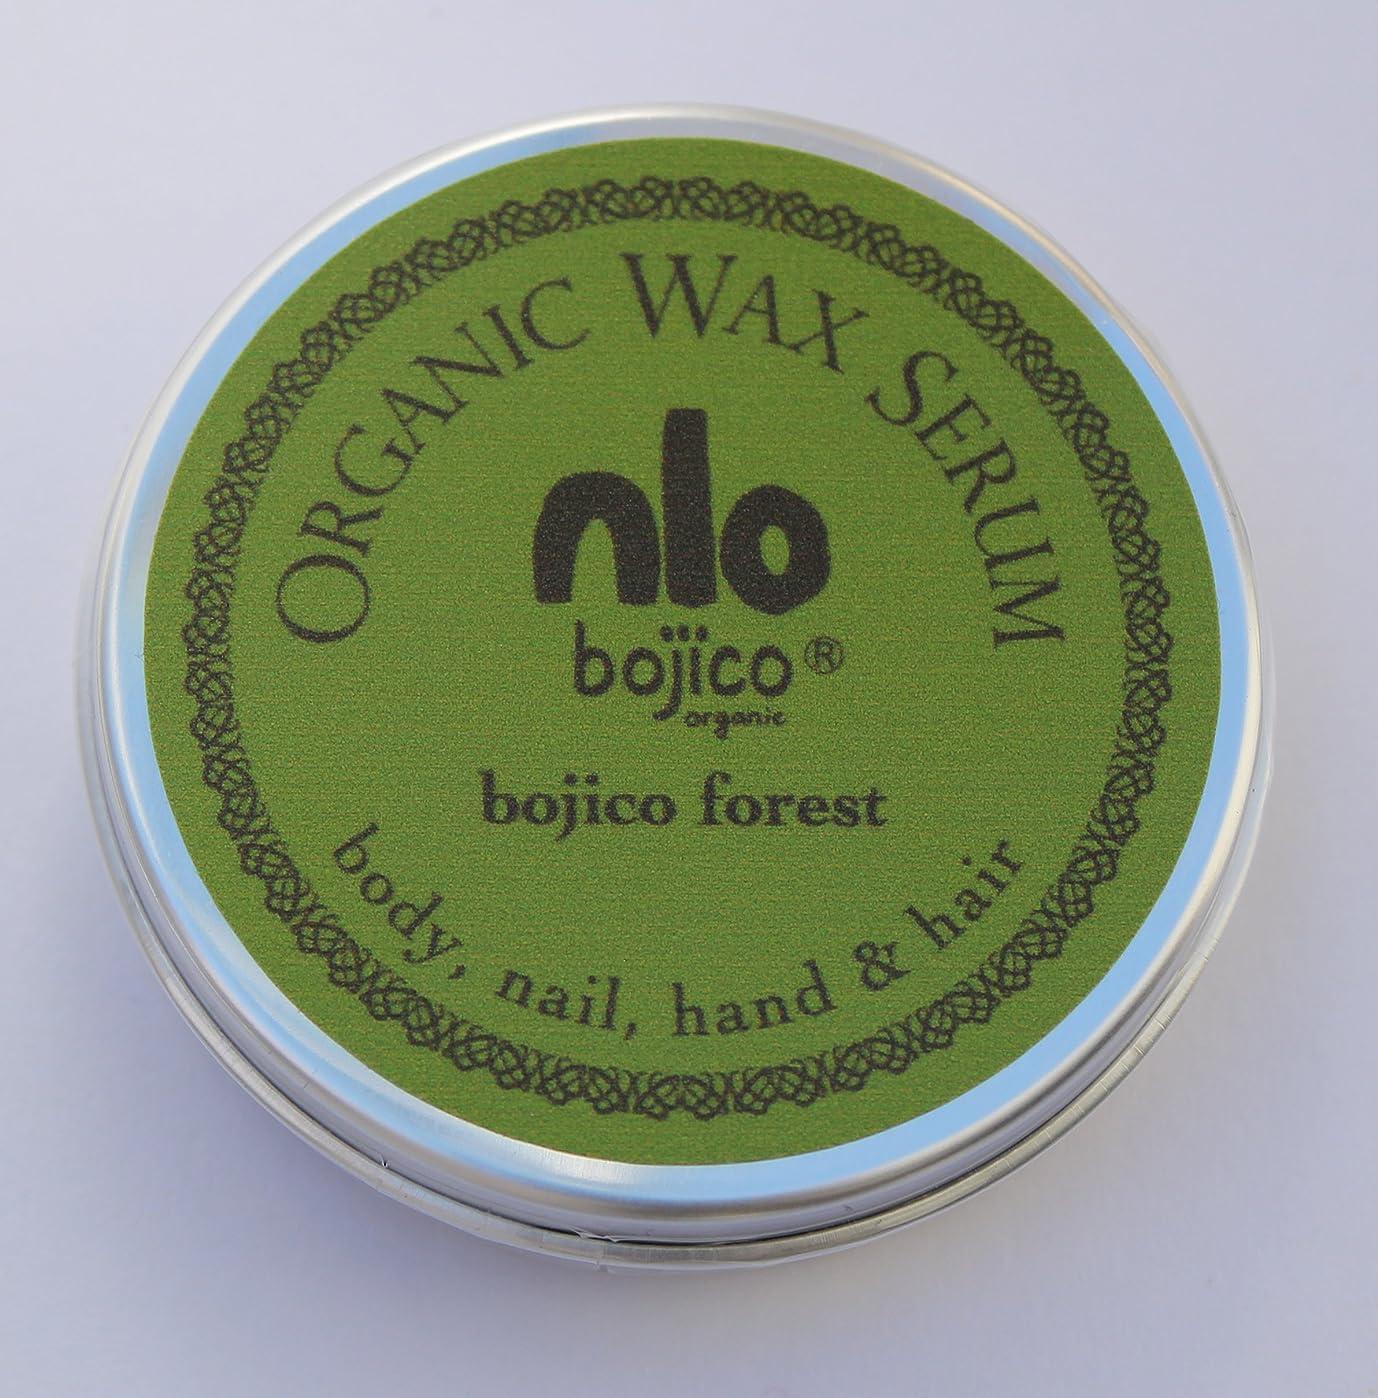 そっとモジュールはっきりとbojico オーガニック ワックス セラム<フォレスト> Organic Wax Serum 40g